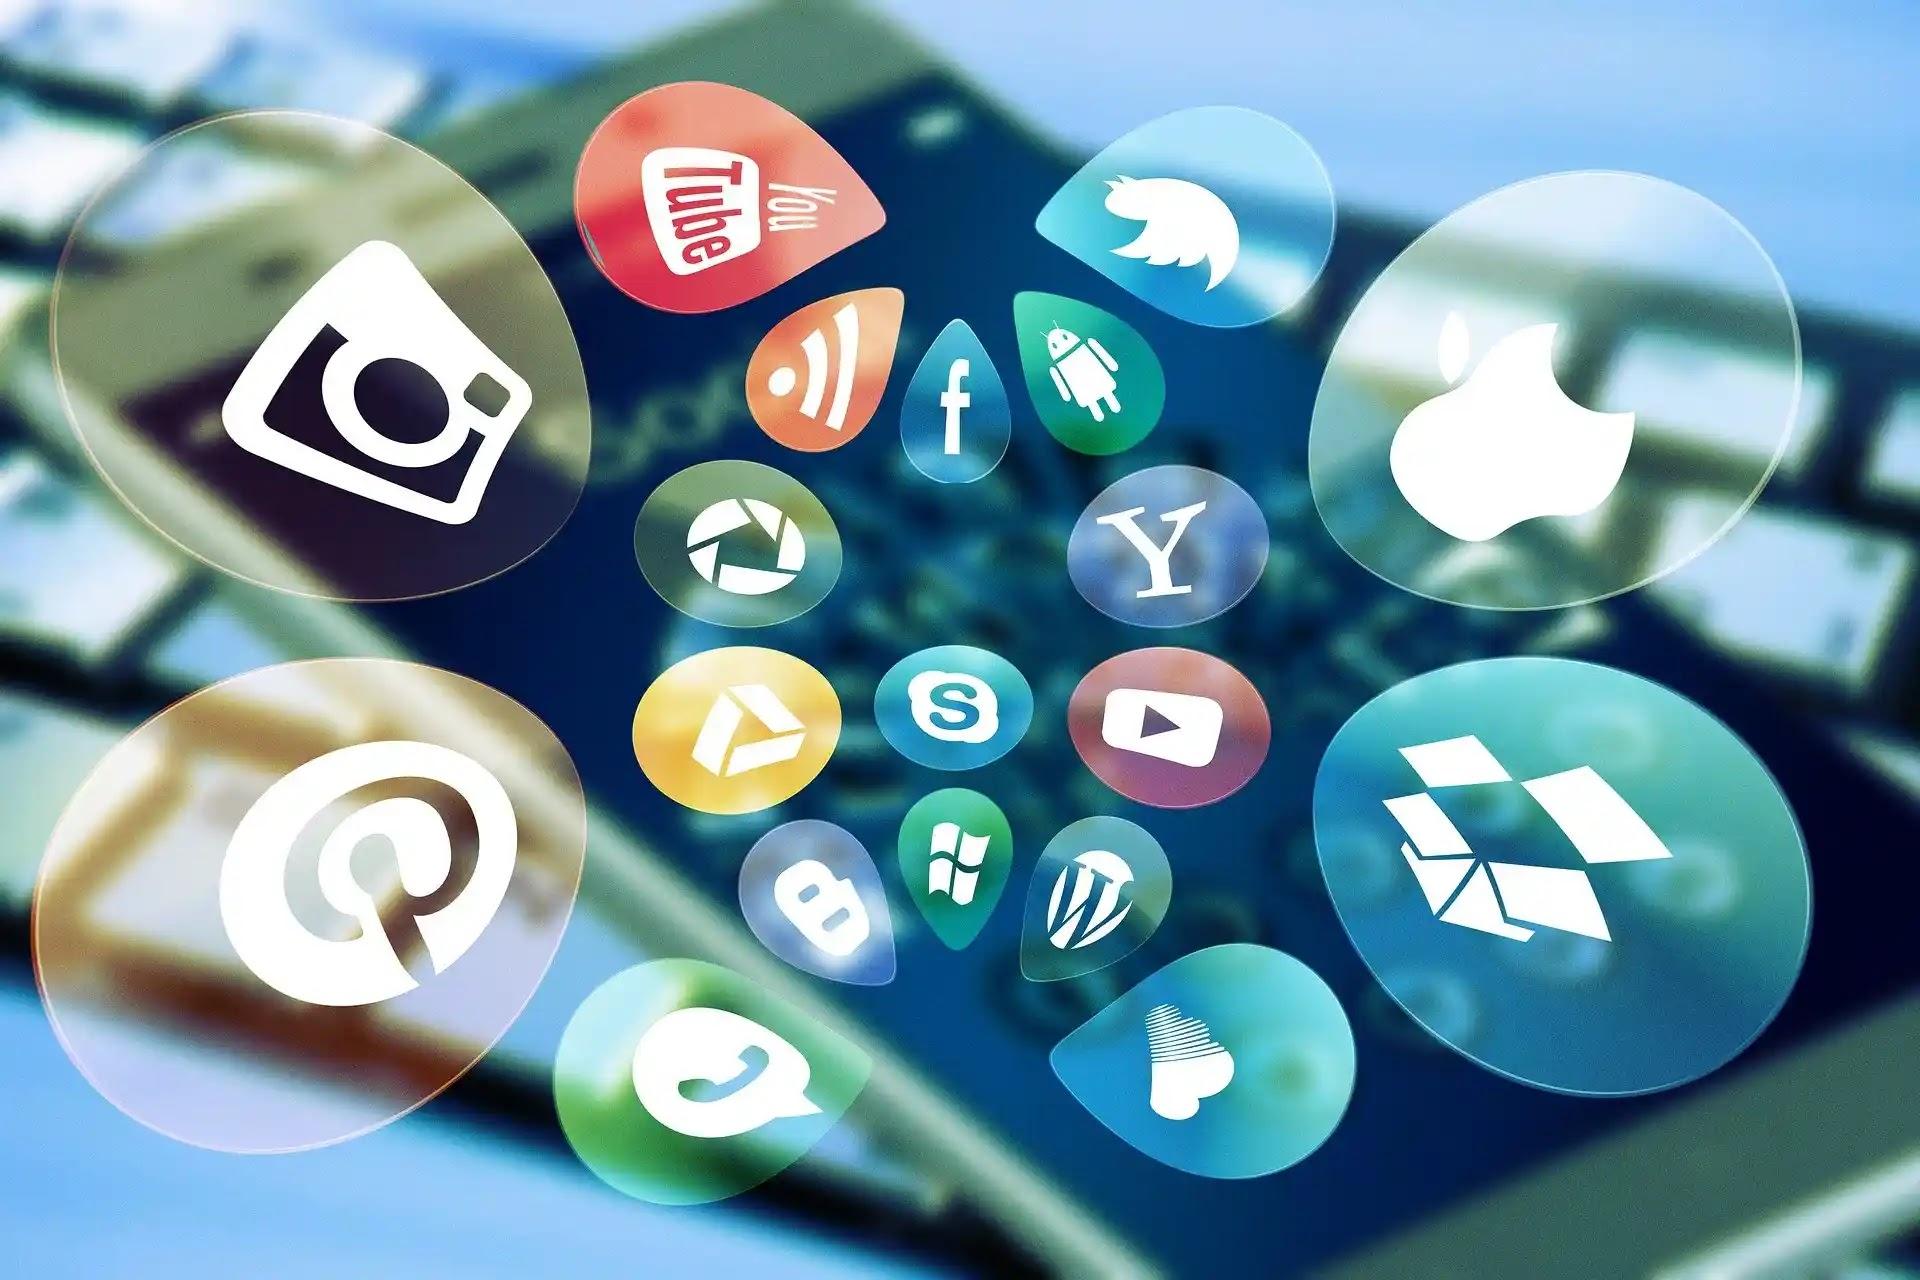 التسويق الرقمي,التسويق الالكتروني,أدوات التسويق الرقمي,تعلم التسويق الالكتروني,التسويق الإلكتروني,التسويق,تسويق الكتروني,التسويق الالكتروني للمبتدئين,مراحل التسويق الرقمي,تسويق الكترونى,ادوات التسويق الالكتروني,التسويق بالمحتوى,دورة التسويق الالكتروني المجانية,خطوات التسويق الالكتروني,للتسويق الالكتروني,التسويق الالكتروني عبر الانستقرام,خطة التسويق الالكترونى,تسويق,تسويق الالكتروني,منصات التسويق الرقمي,التسويق الالكتروني عبر الفيس بوك